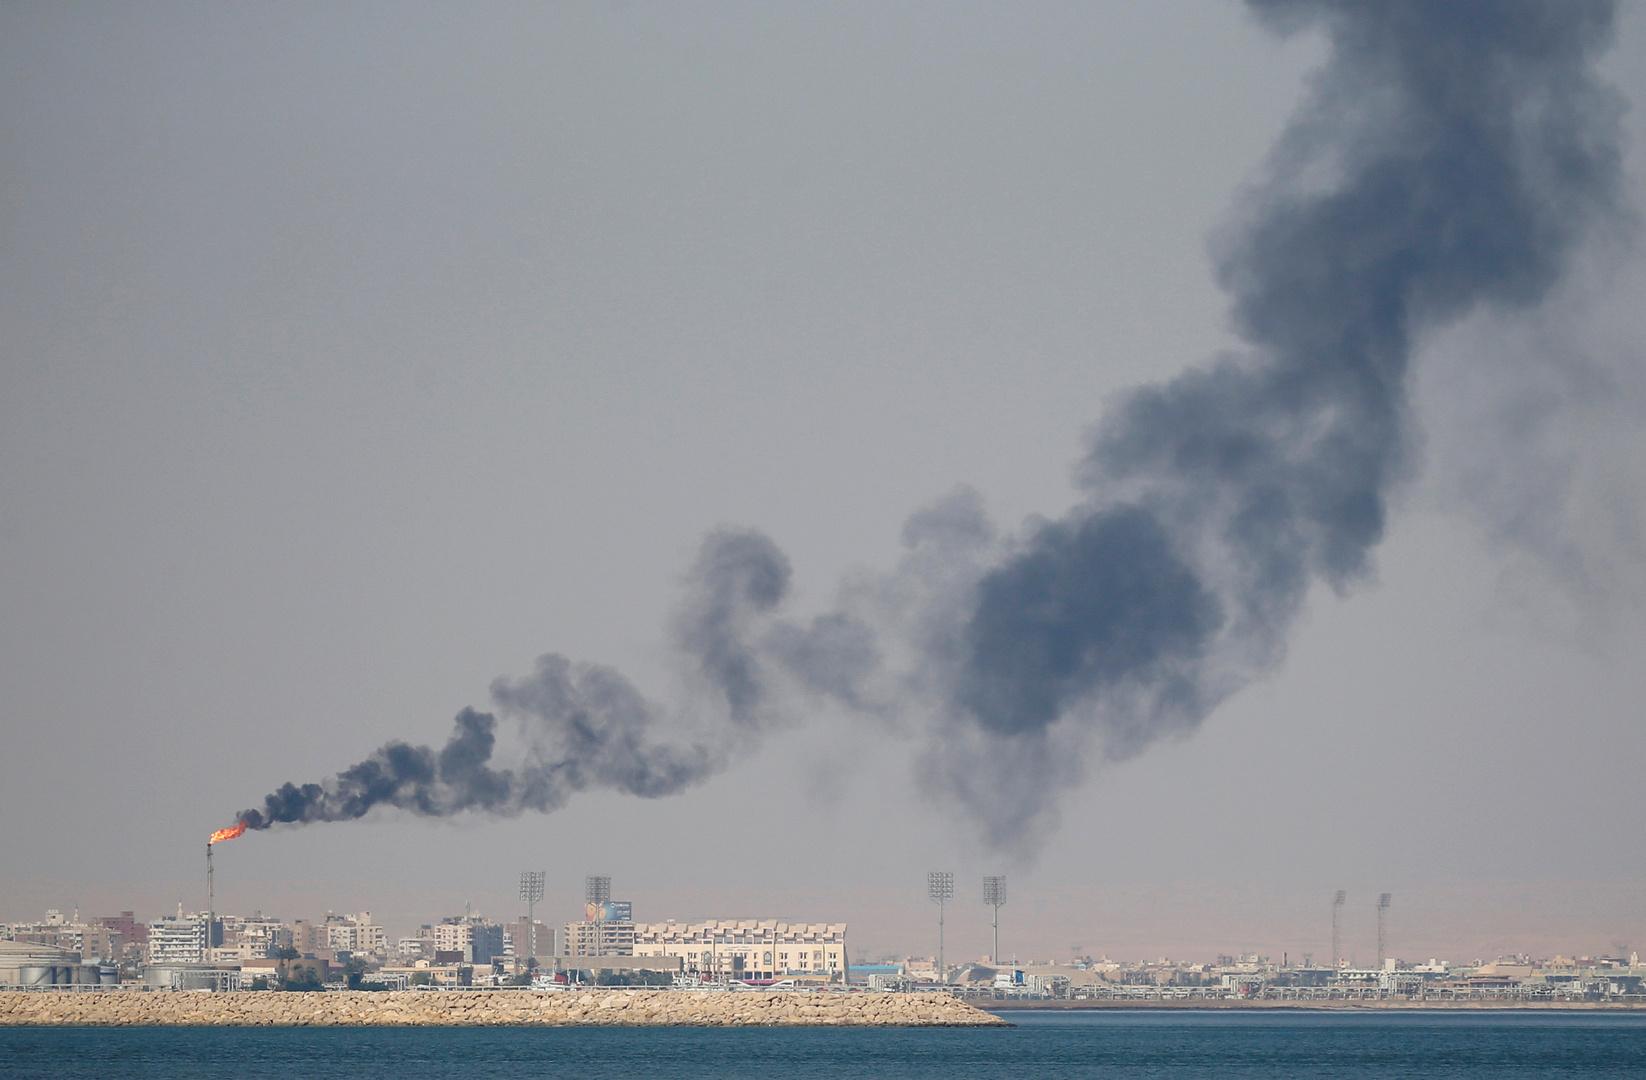 مصر تكشف عن بئر جديدة للغاز بالمنطقة